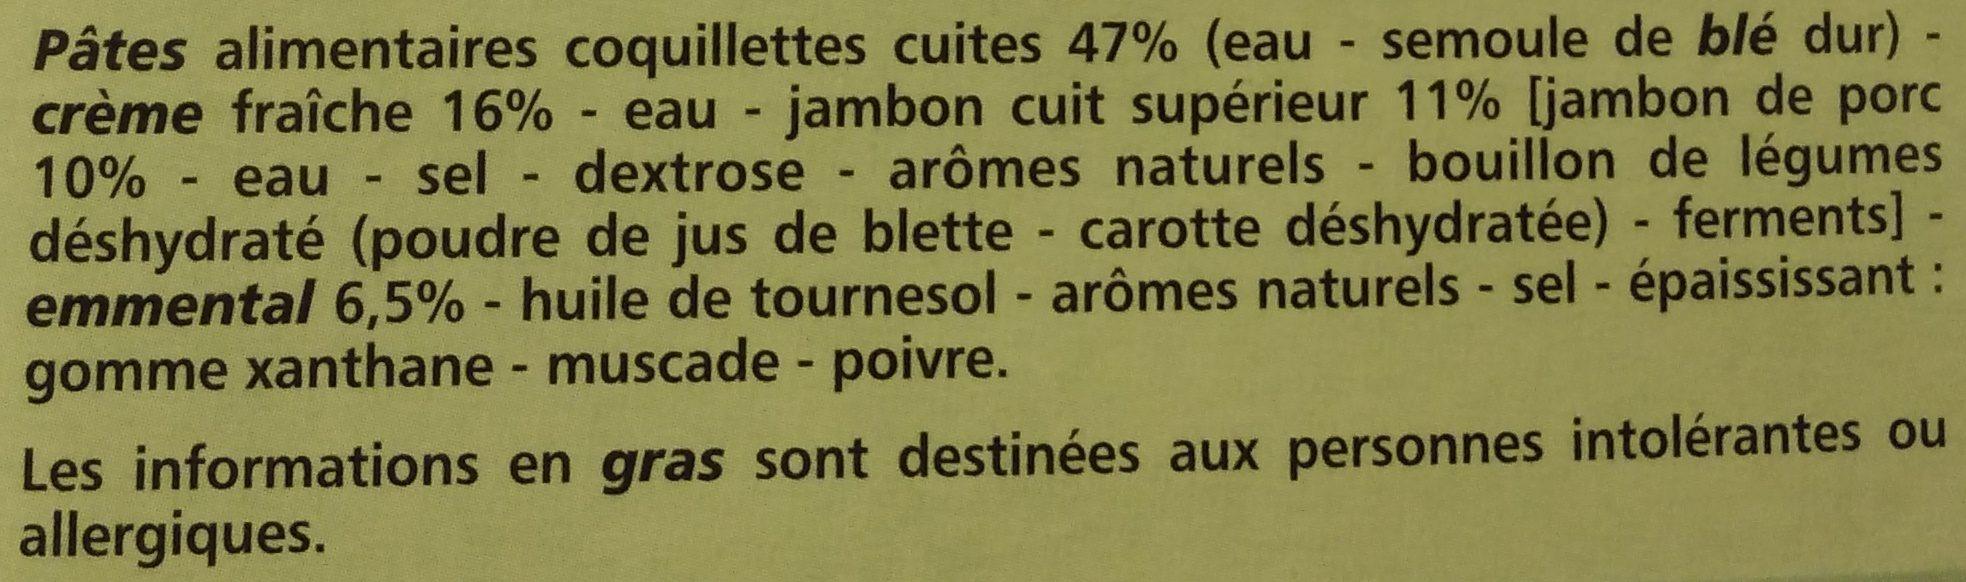 Coquillettes jambon emmental - Ingrediënten - fr